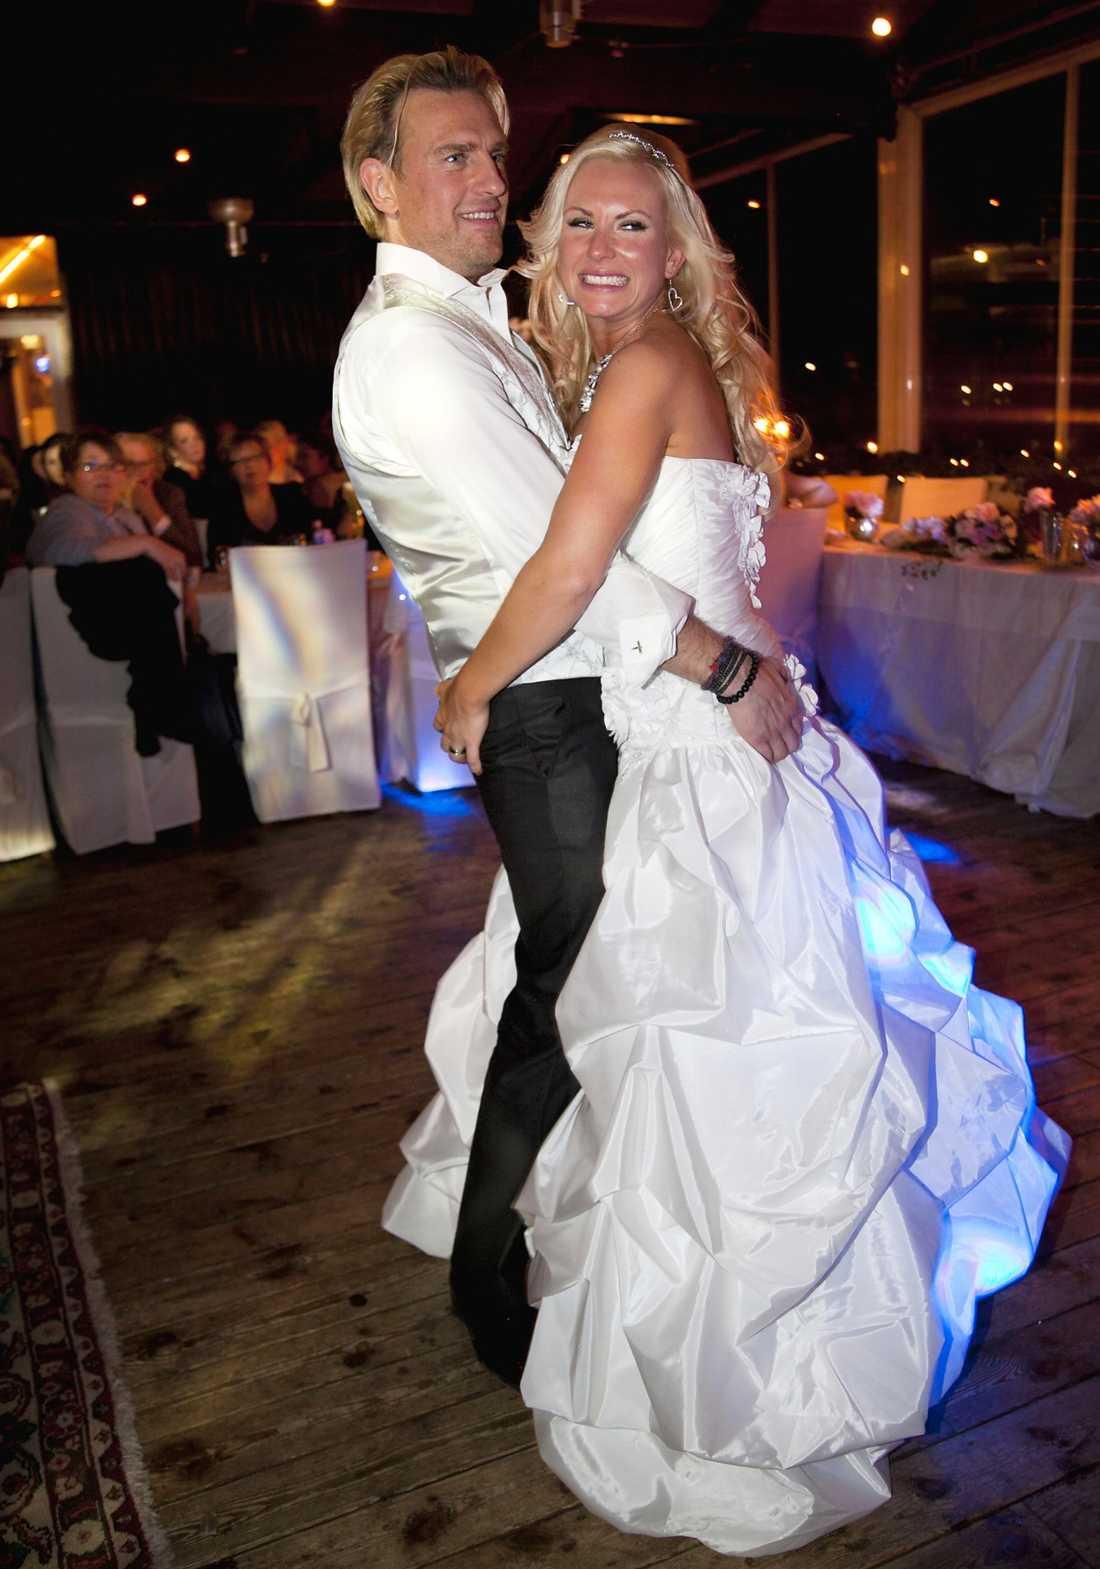 NYGIFTA Pär-Ola Nyström och Louise Löfgren gifte sig i Lindome utanför Göteborg. Av de totala kostnaderna stod de för ungefär en tiondel själva.